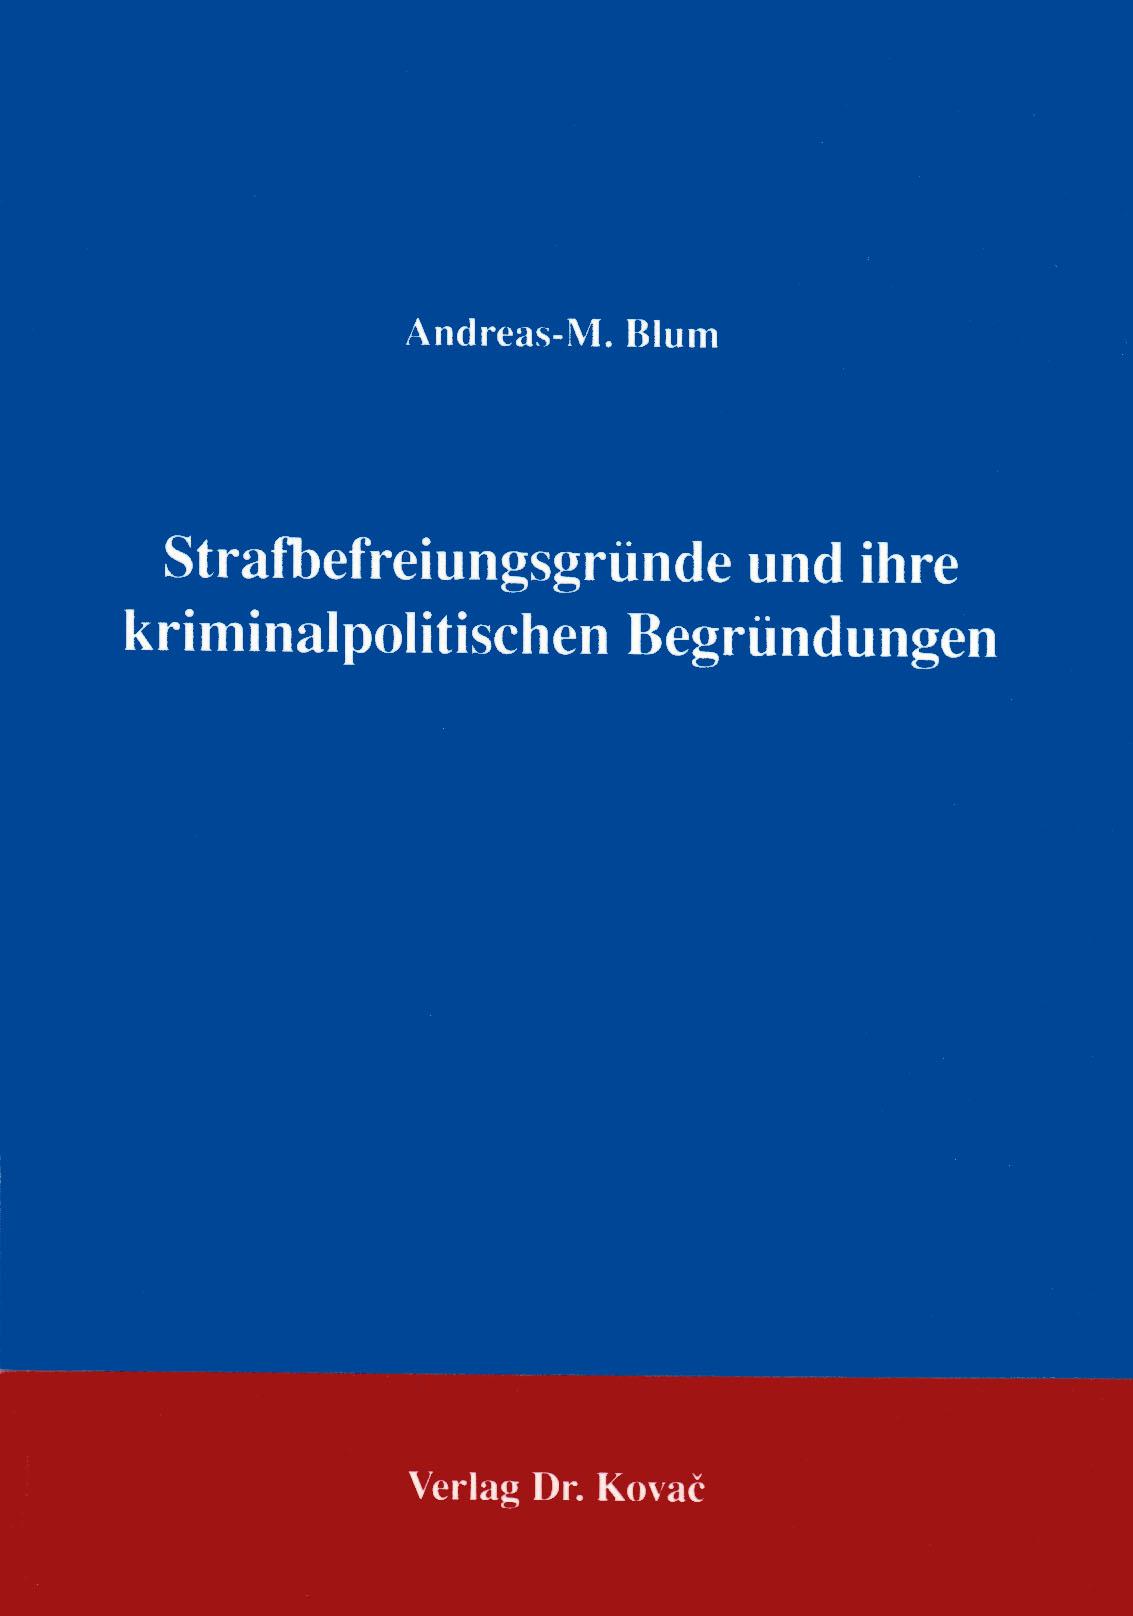 Cover: Strafbefreiungsgründe und ihre kriminalpolitischen Begründungen